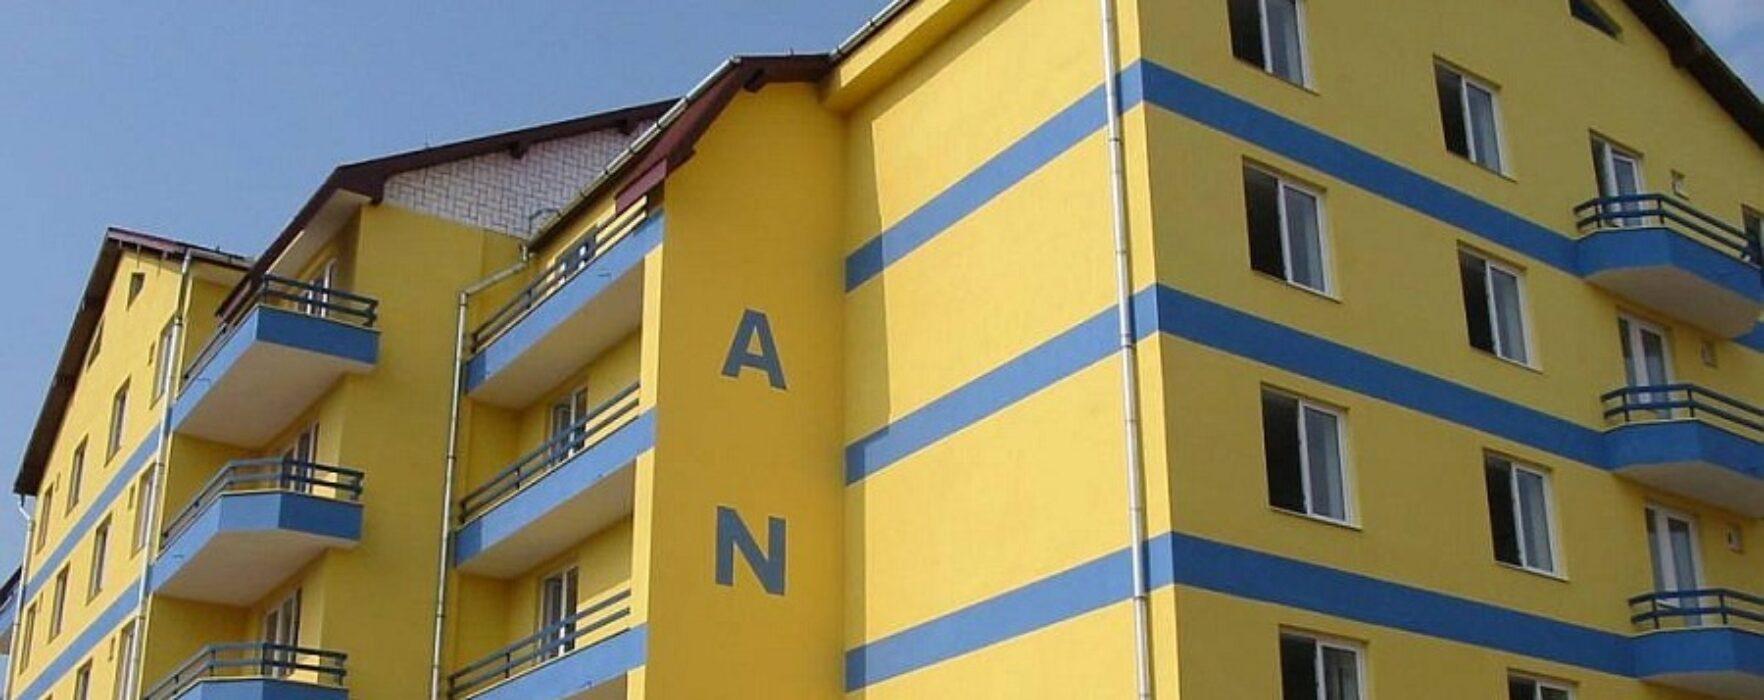 Târgovişte: Se vor construi apartamente ANL, vezi în ce cartier